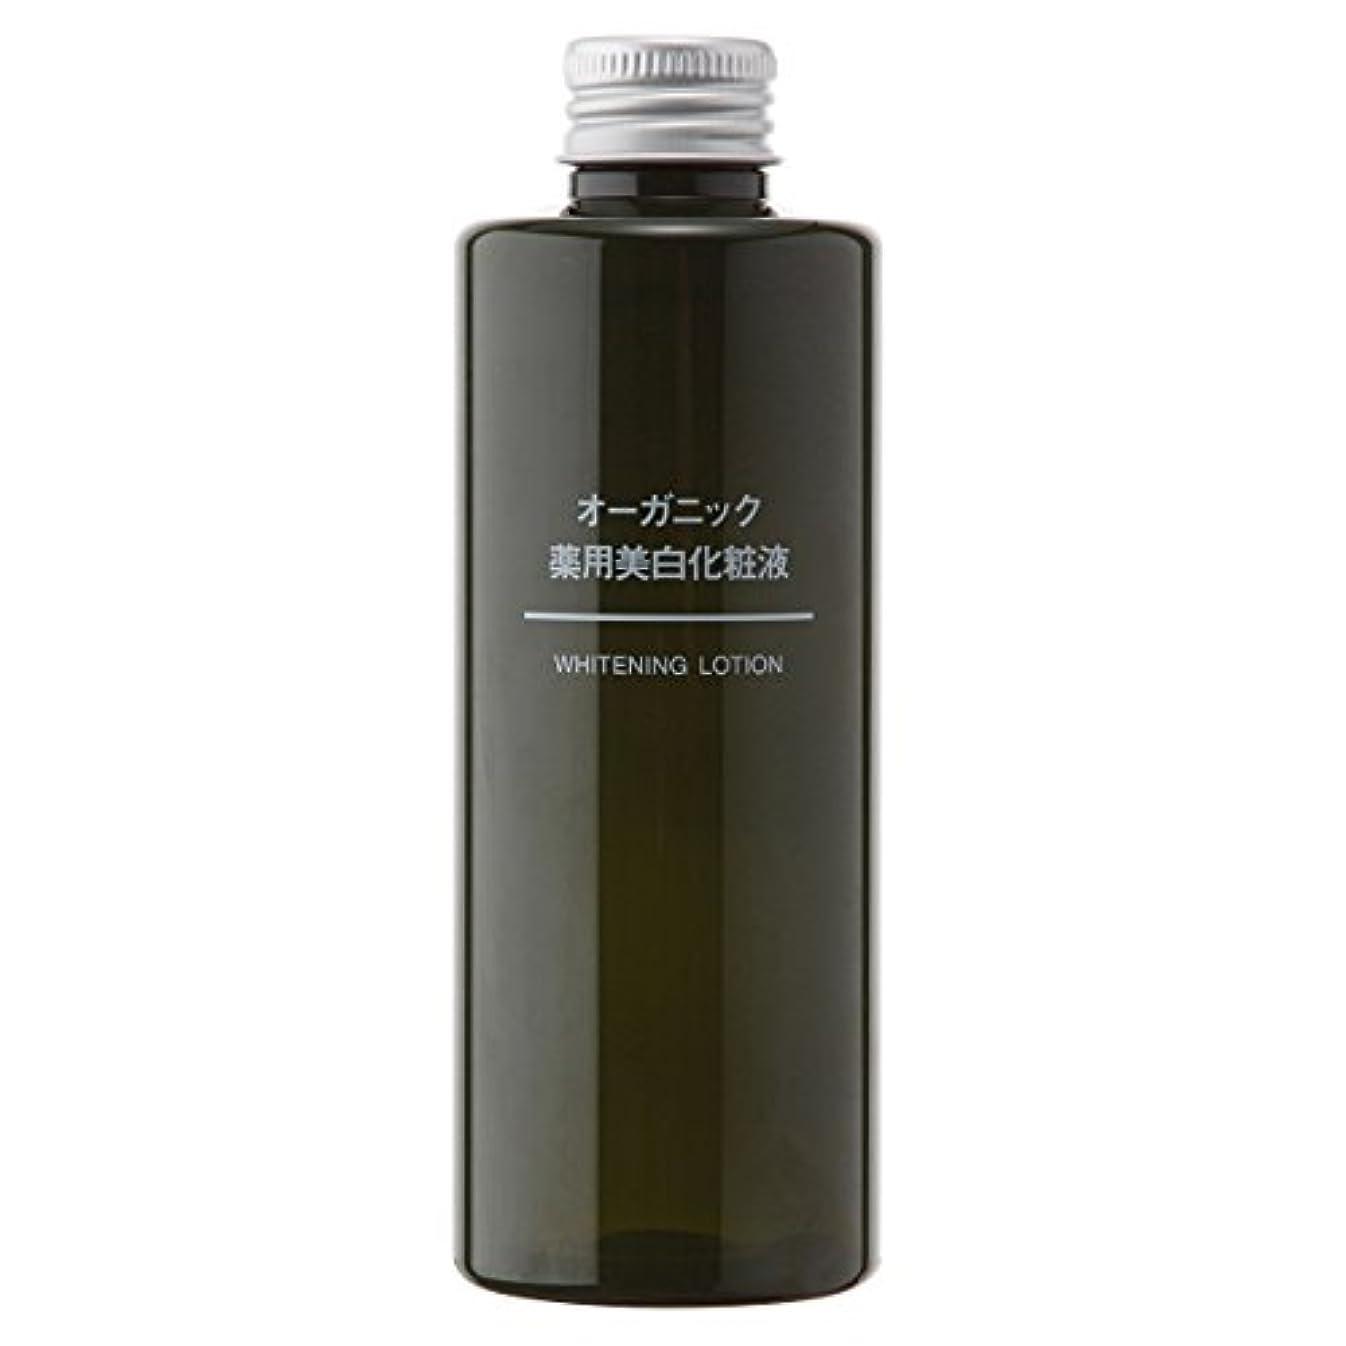 ラップトップ洋服ヒール無印良品 オーガニック薬用美白化粧液 200ml